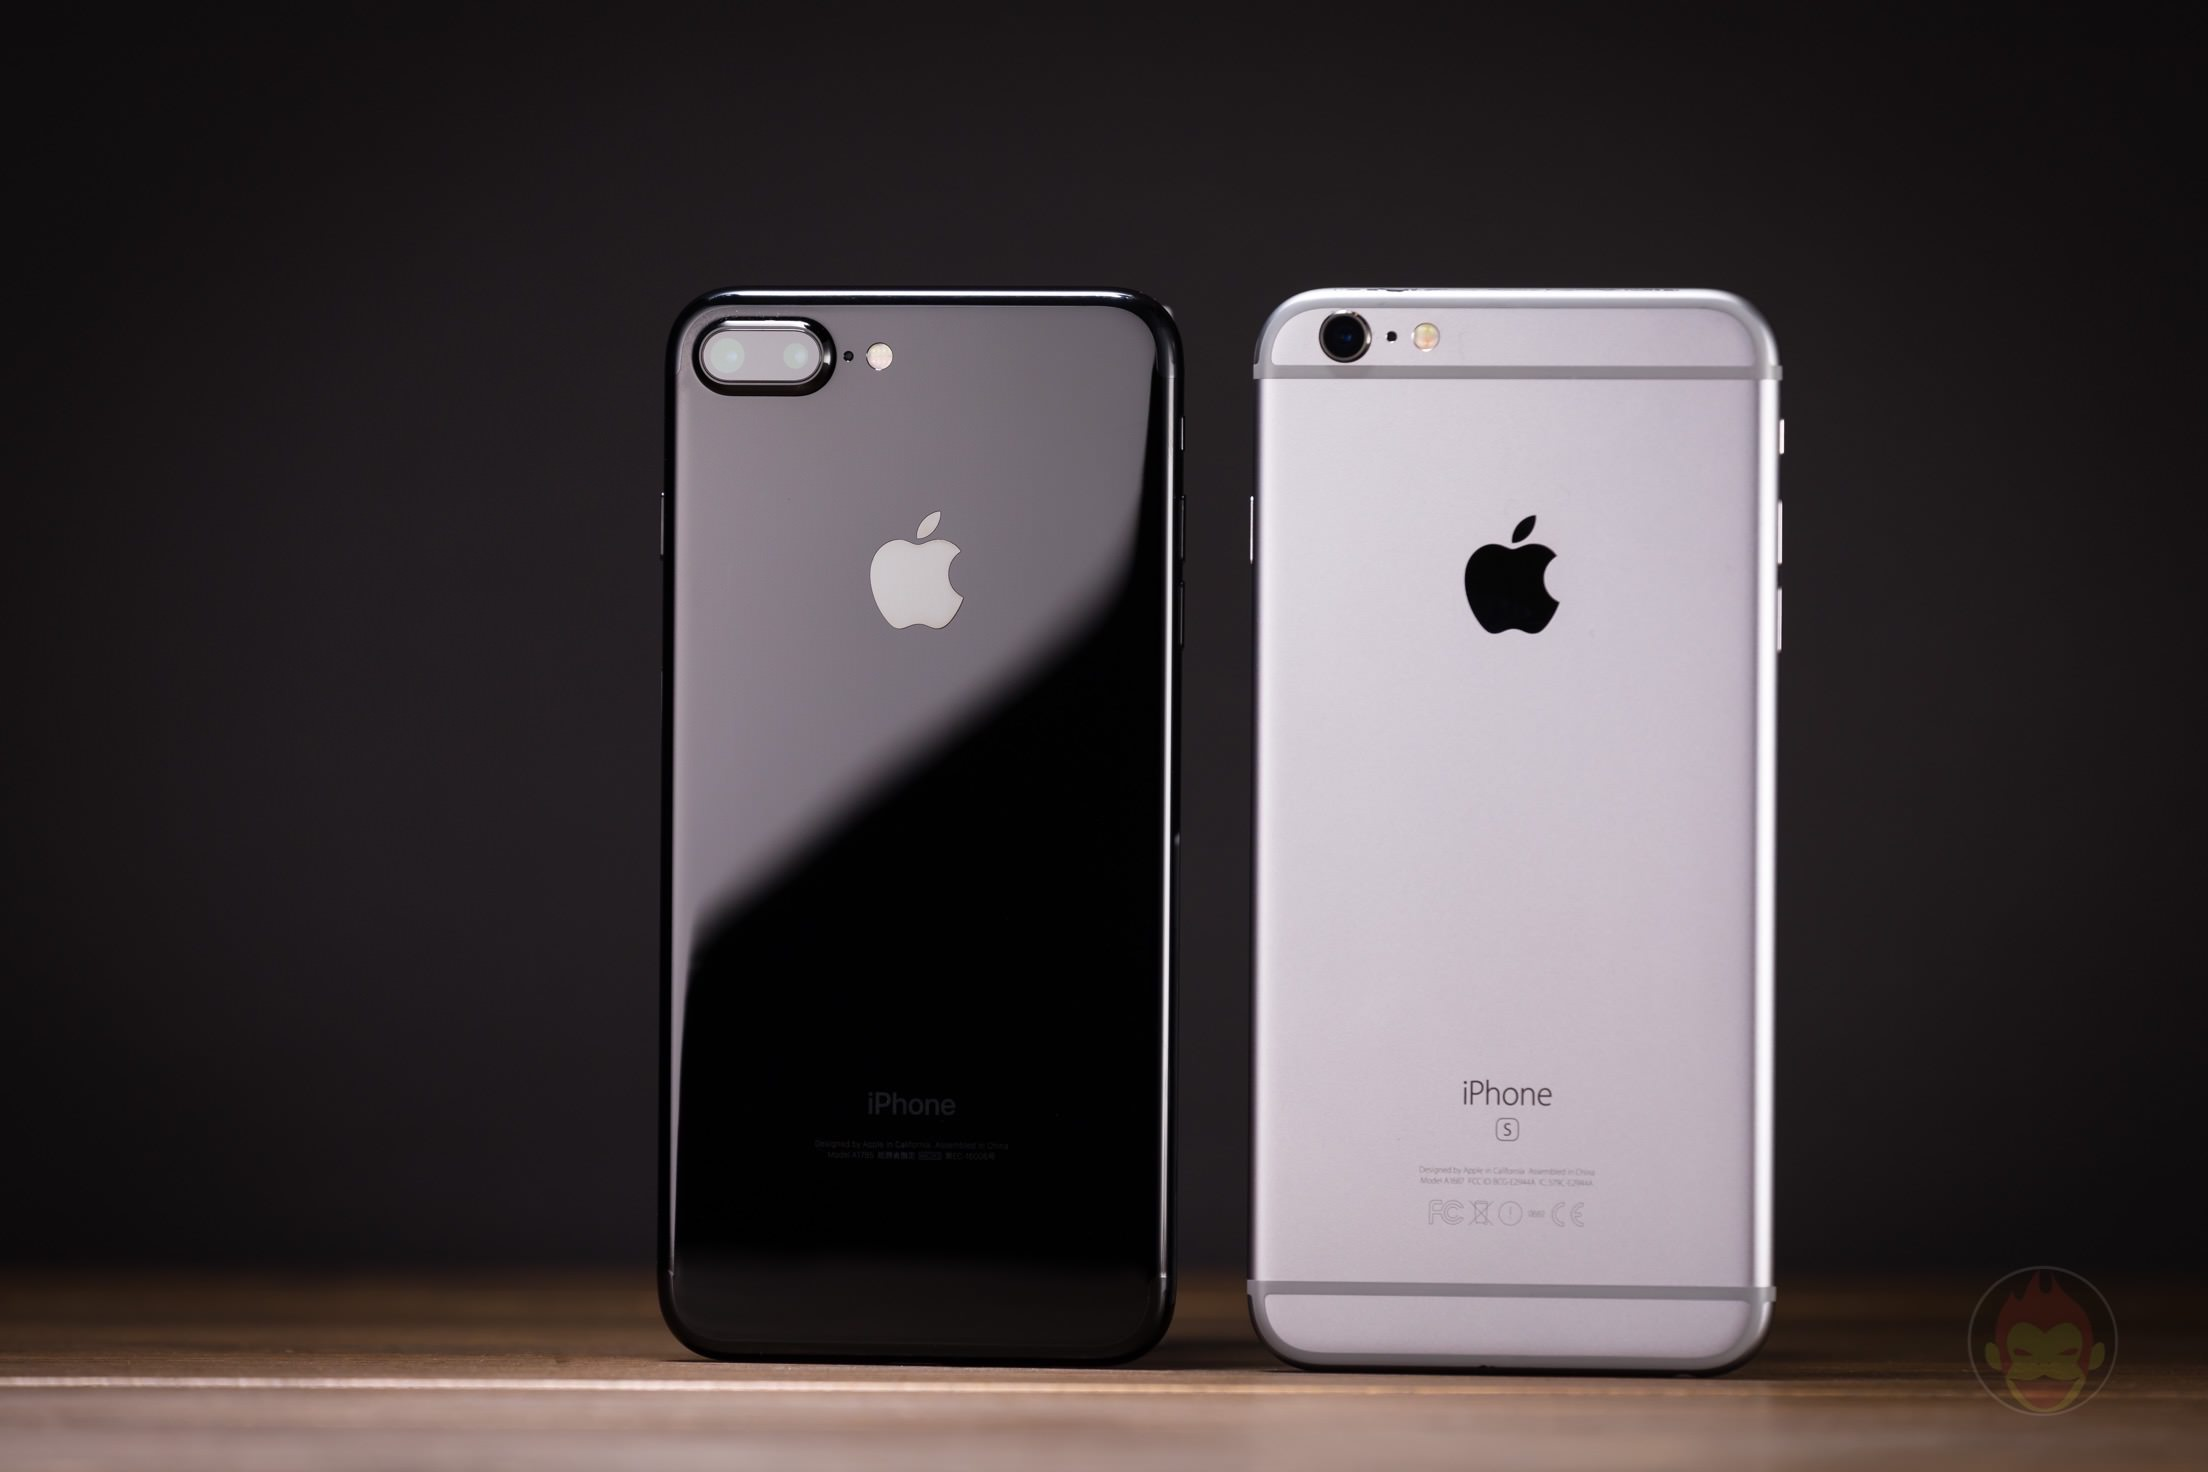 iPhone-7-Plus-6s-Plus-Comparison-01.jpg